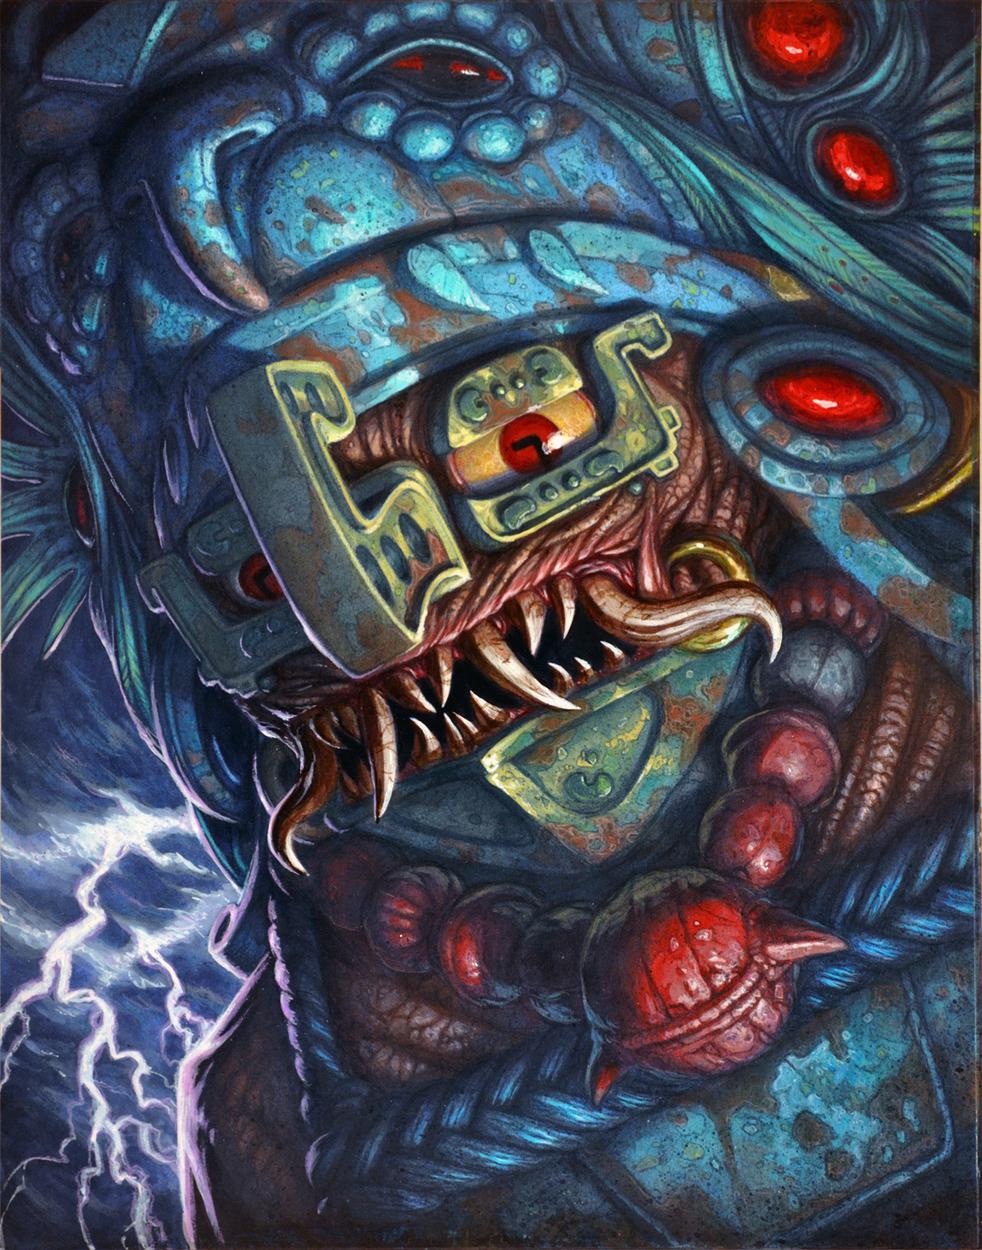 Chaac Artwork by Christopher Burdett